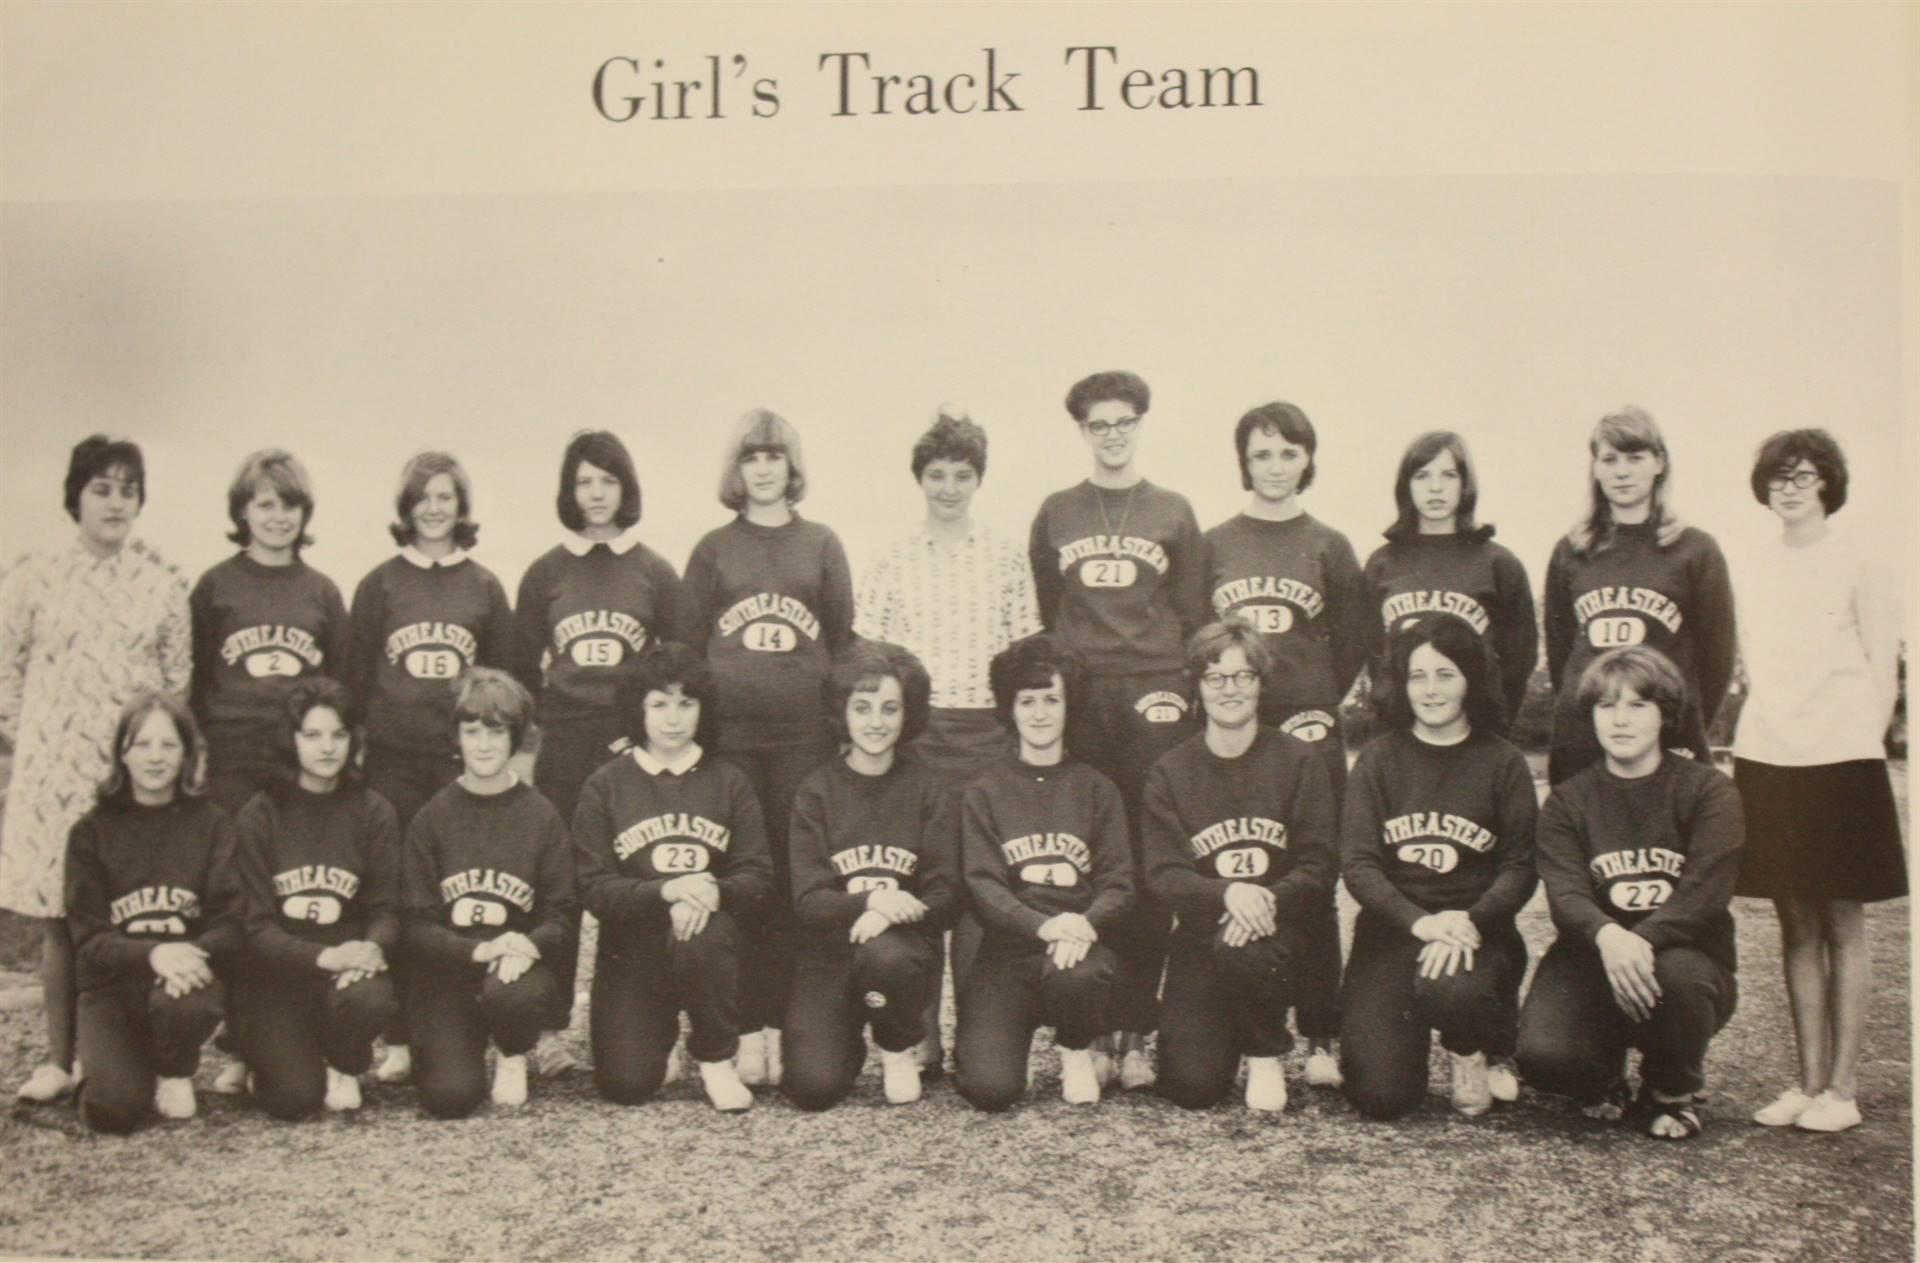 1967 Girl's Track Team